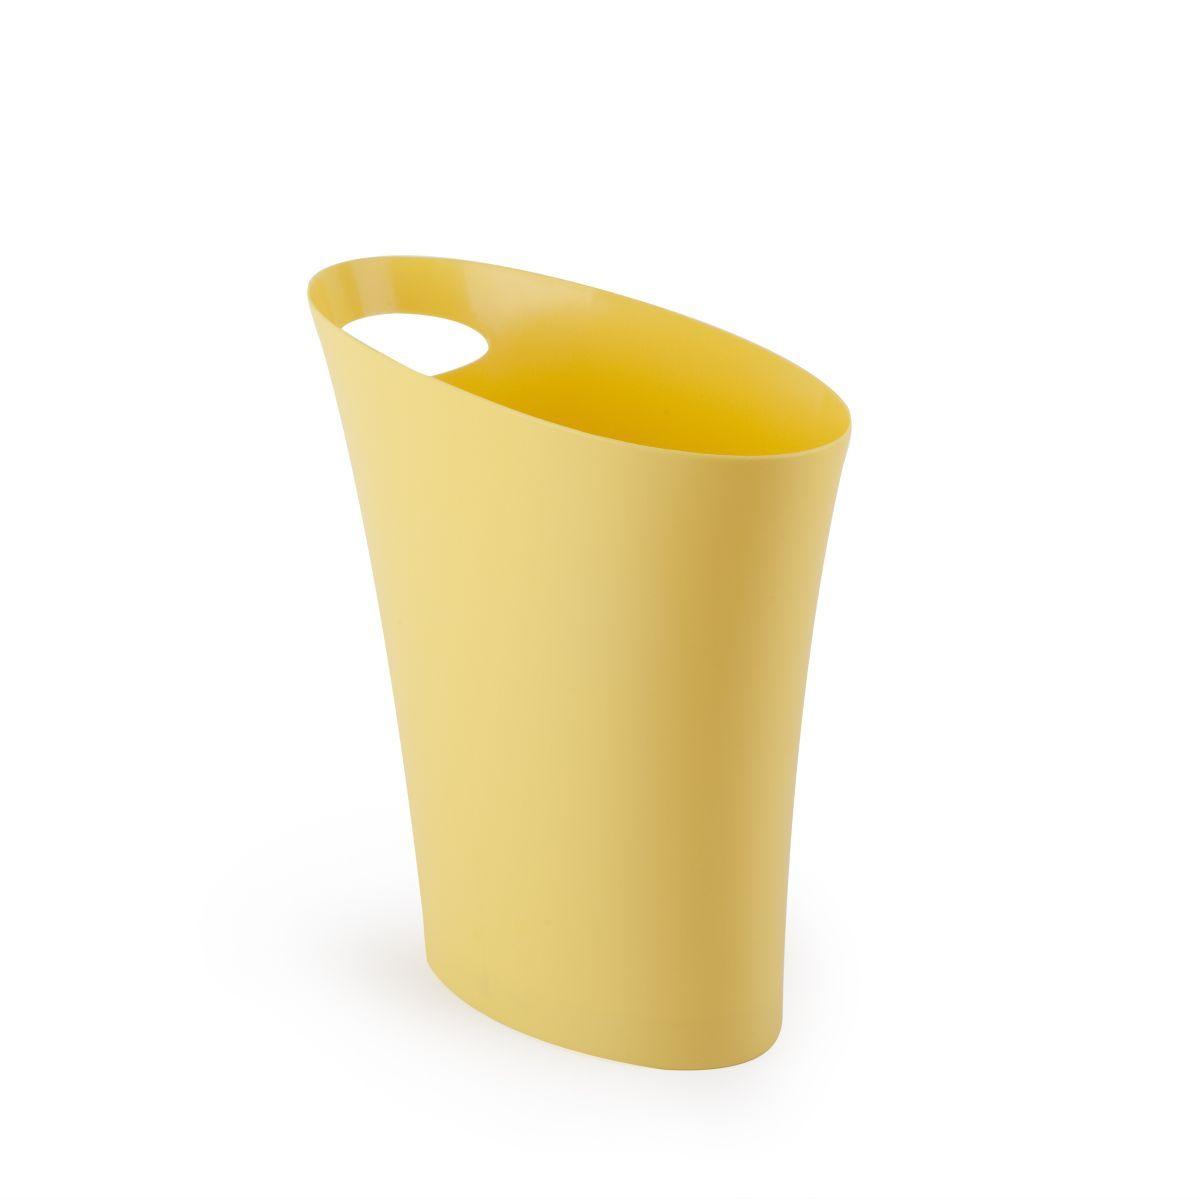 Контейнер для мусора Umbra Skinny, цвет: желтый, 7,5 л082610-438Очередное изобретение Карима Рашида, одного из самых известных промышленных дизайнеров. Оригинальный замысел и функциональный подход обеспечены! Привычные мусорные корзины в виде старых ведер из под краски или ненужных коробок давно в прошлом. Каждый элемент в современном доме должен иметь определенный смысл, быть креативным и удобным. Вплоть до мусорного ведра. Несмотря на кажущийся миниатюрный размер, ведро вмещает до 7,5 литров, а ручка в виде отверстия на верхней части ведра удобна при переноске.